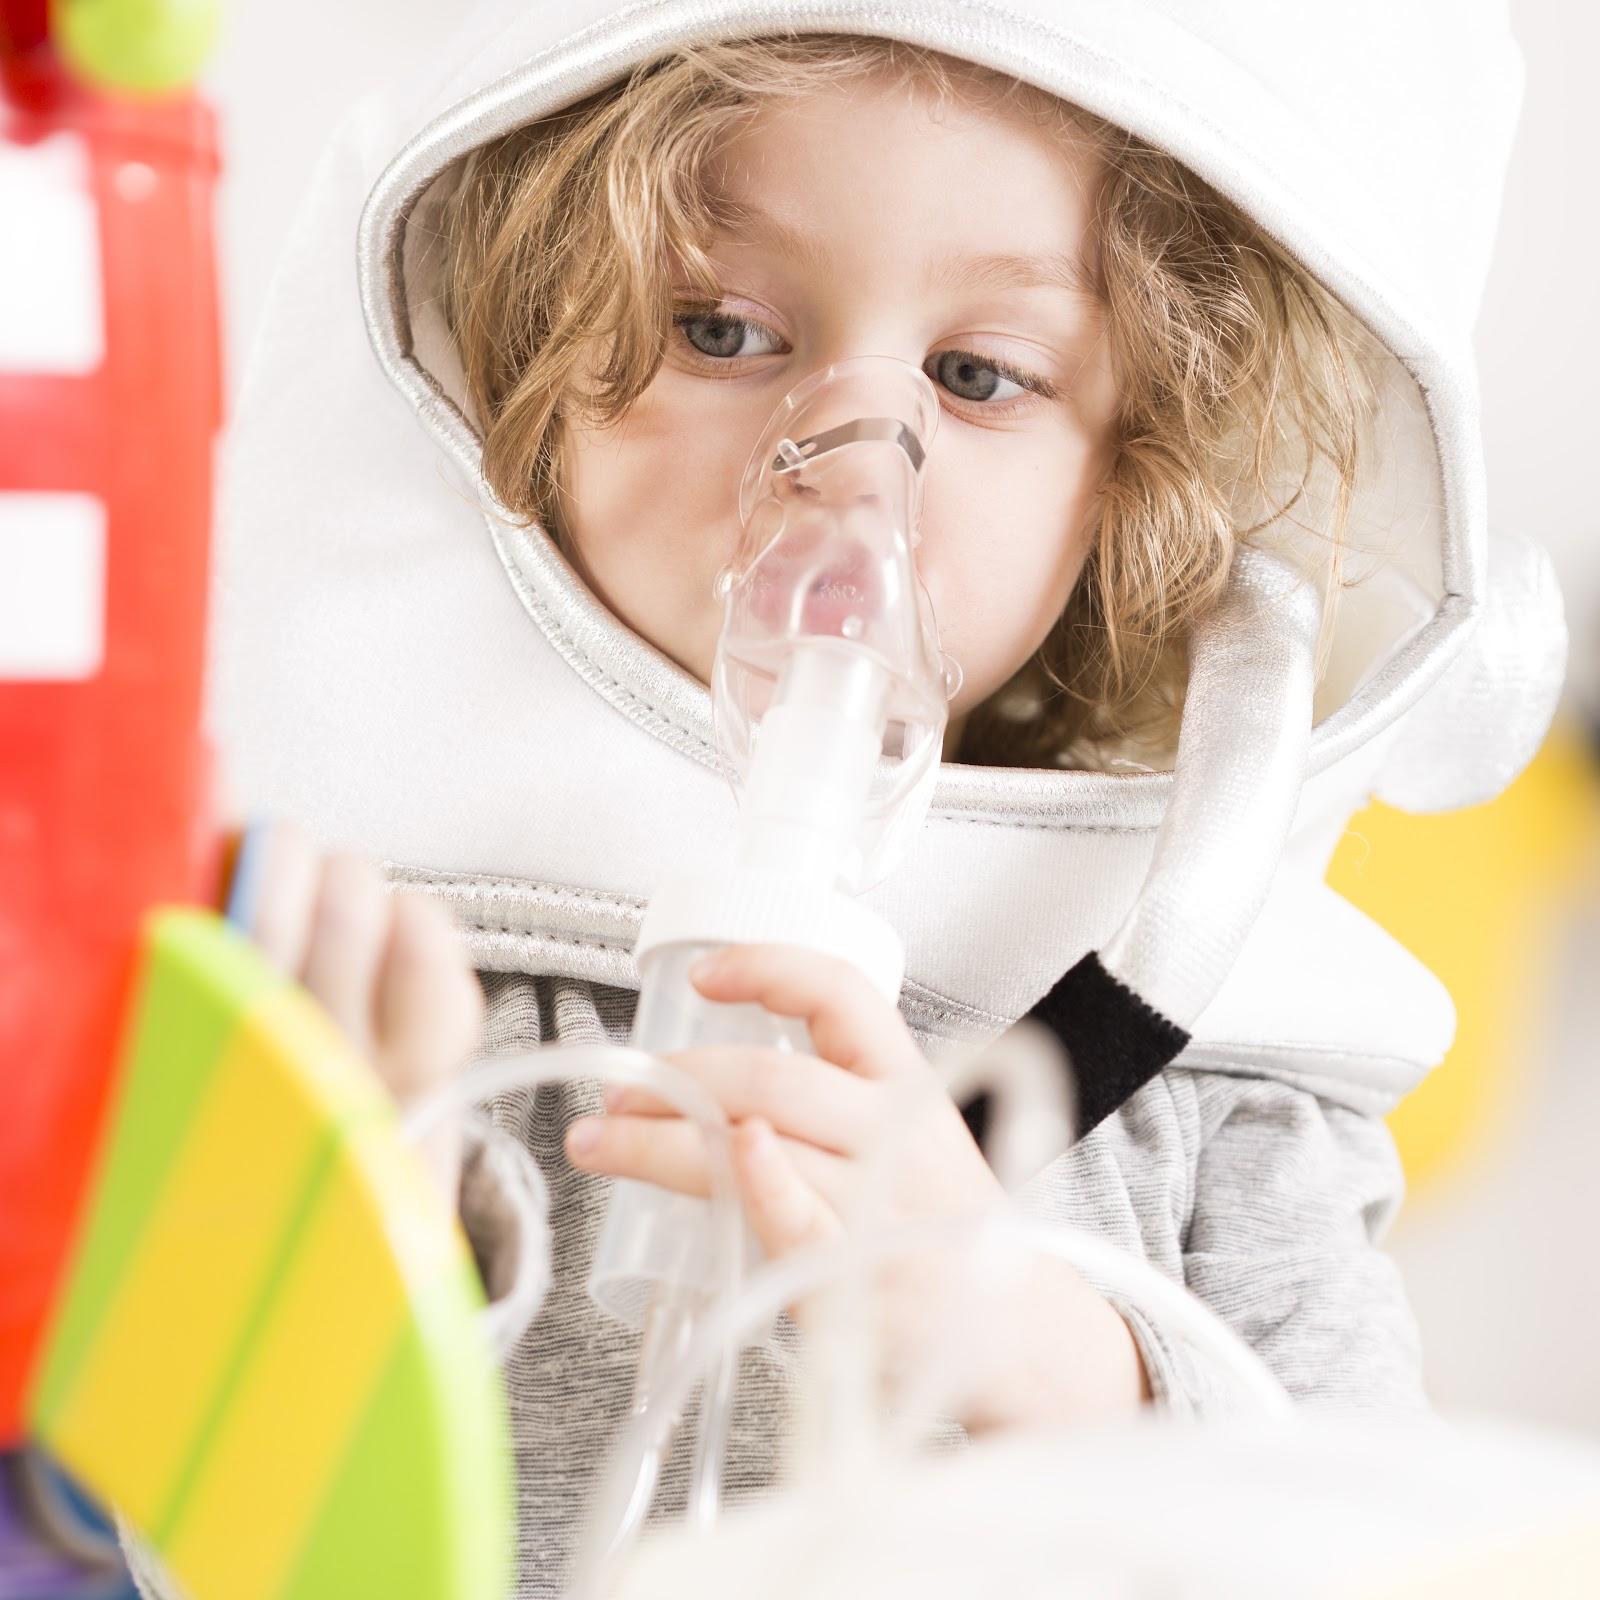 Kid taking nebulizer silver